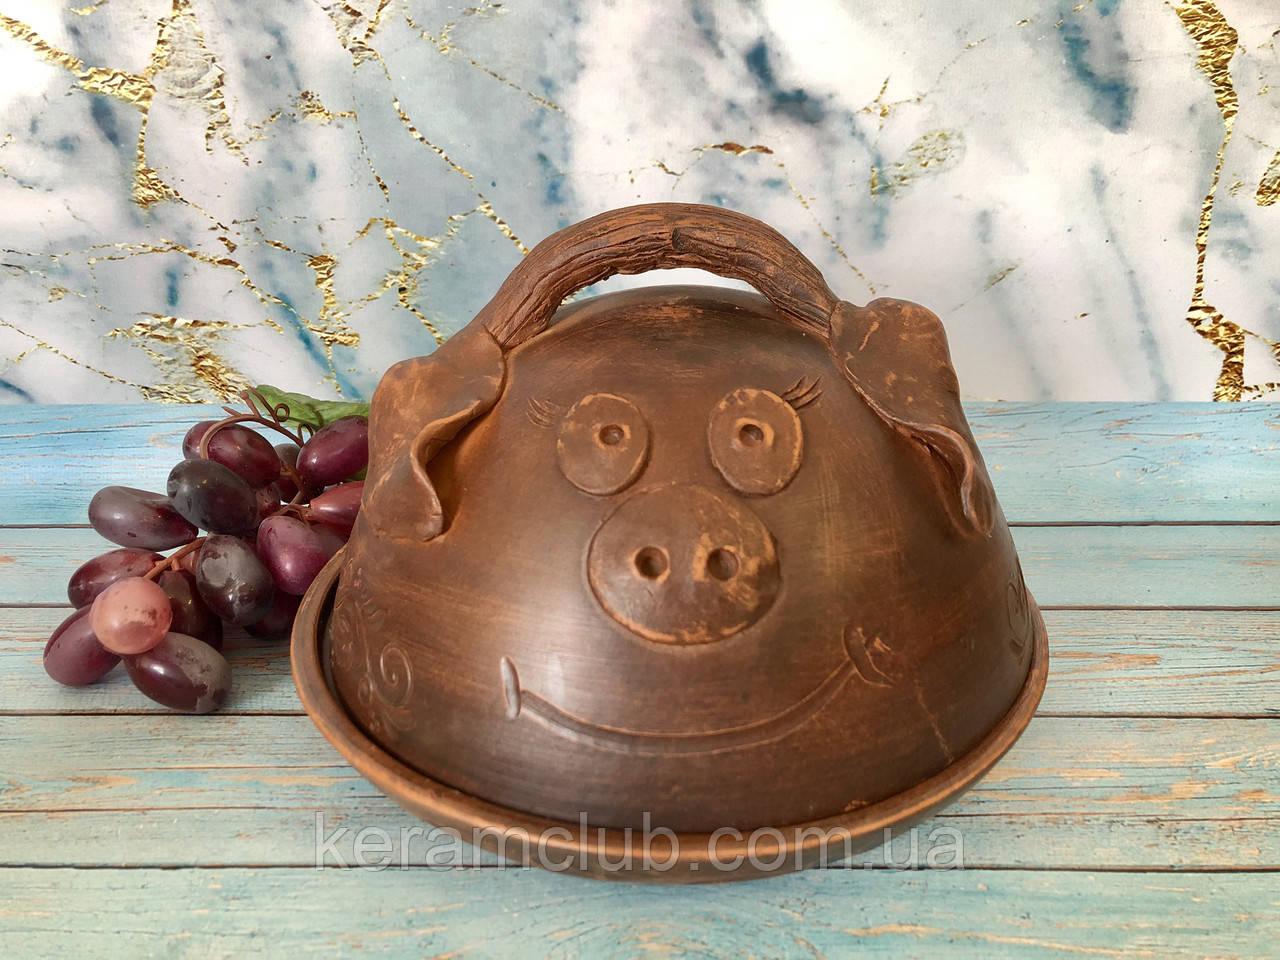 Сальница (тарелка и крышка) хрюшка ручной работы из красной глины